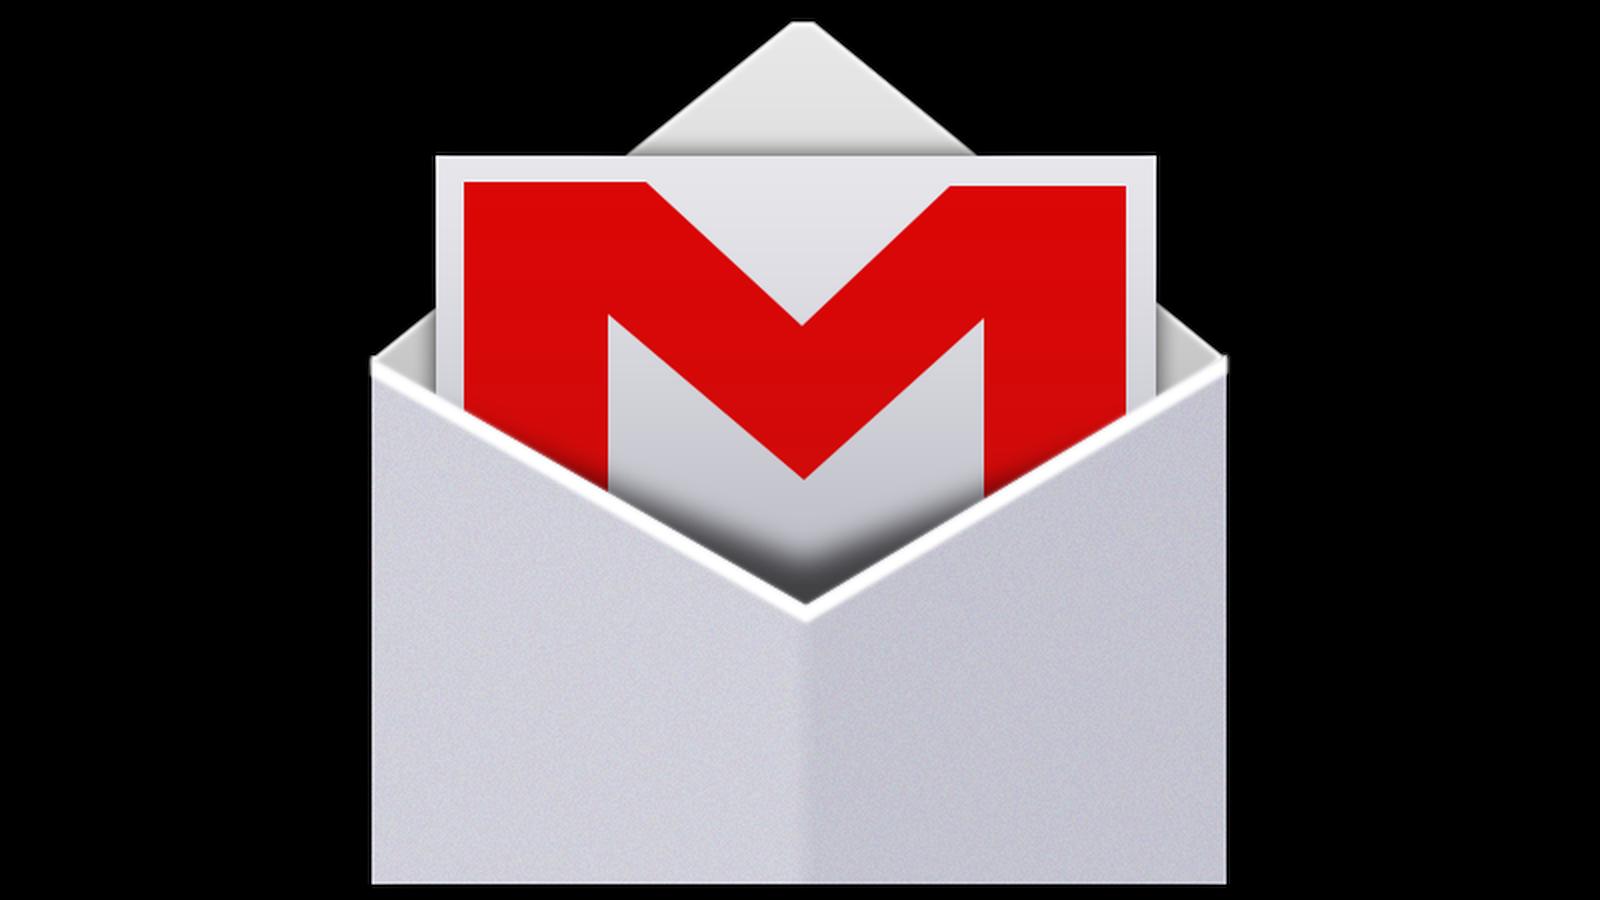 Gmailロゴpng Hd Gmail壁紙hd 1600x900 Wallpapertip